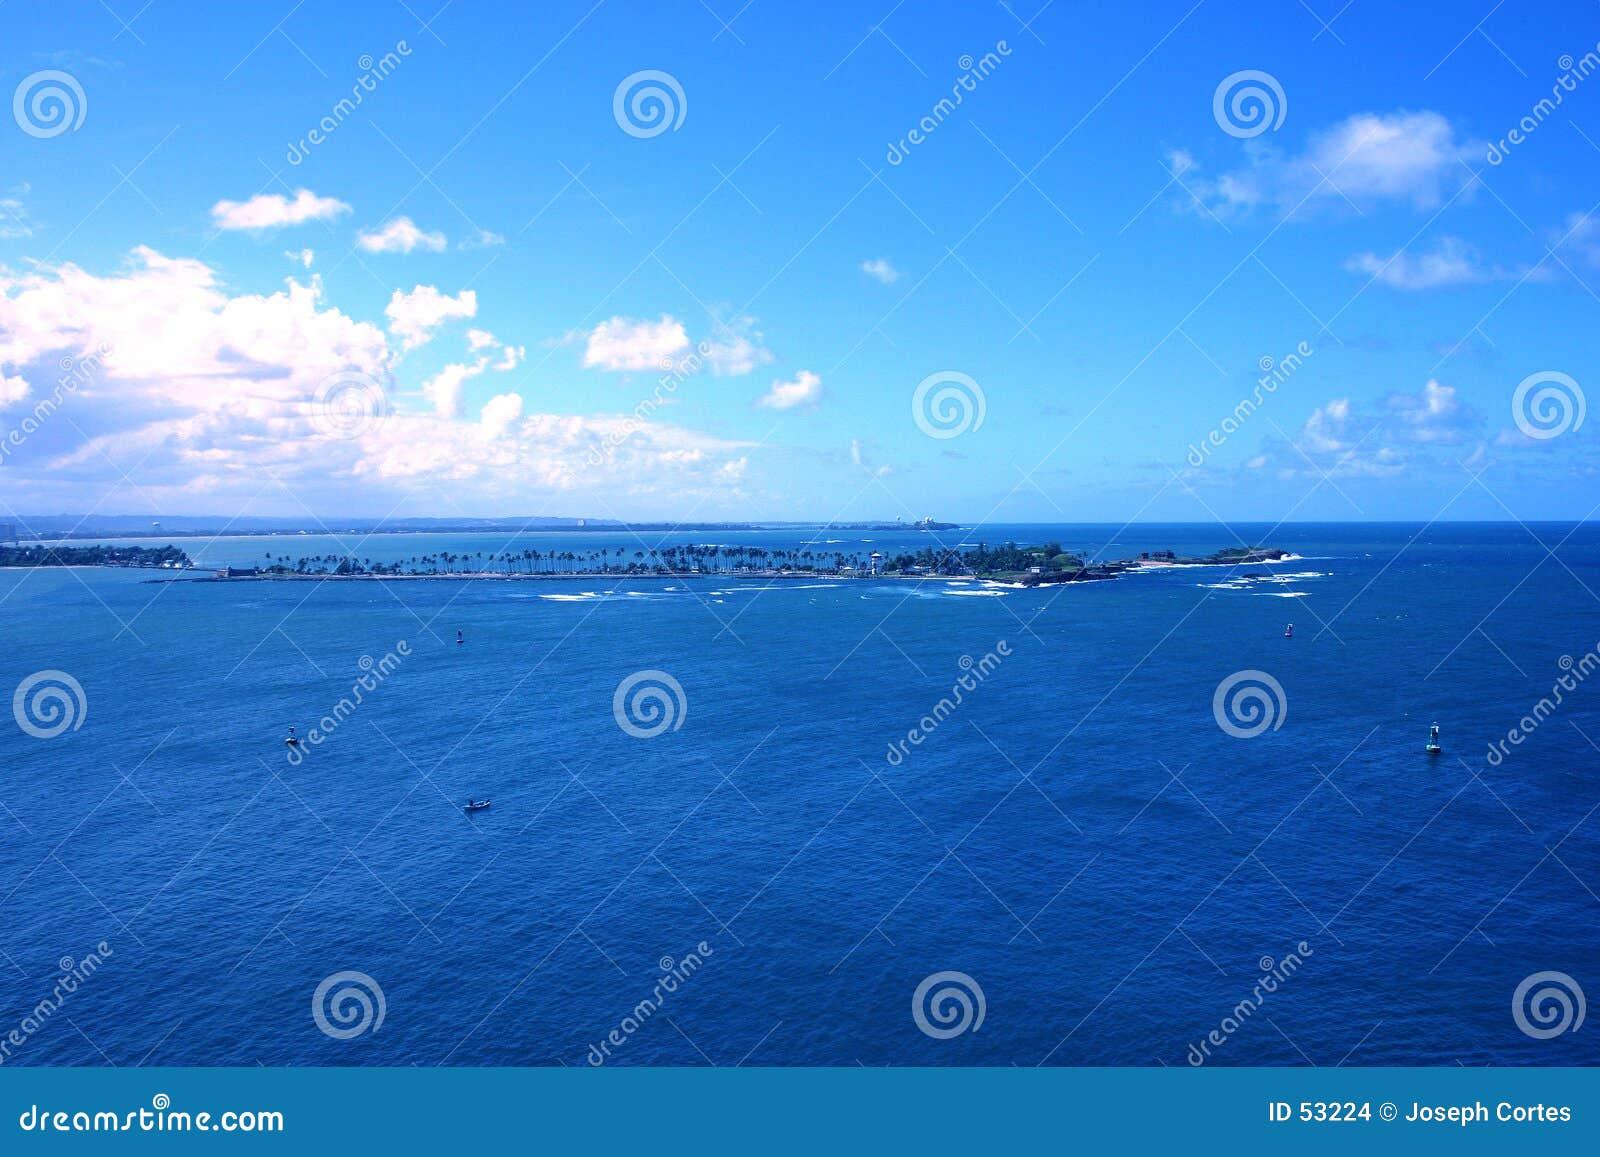 Tropical Blue ocean